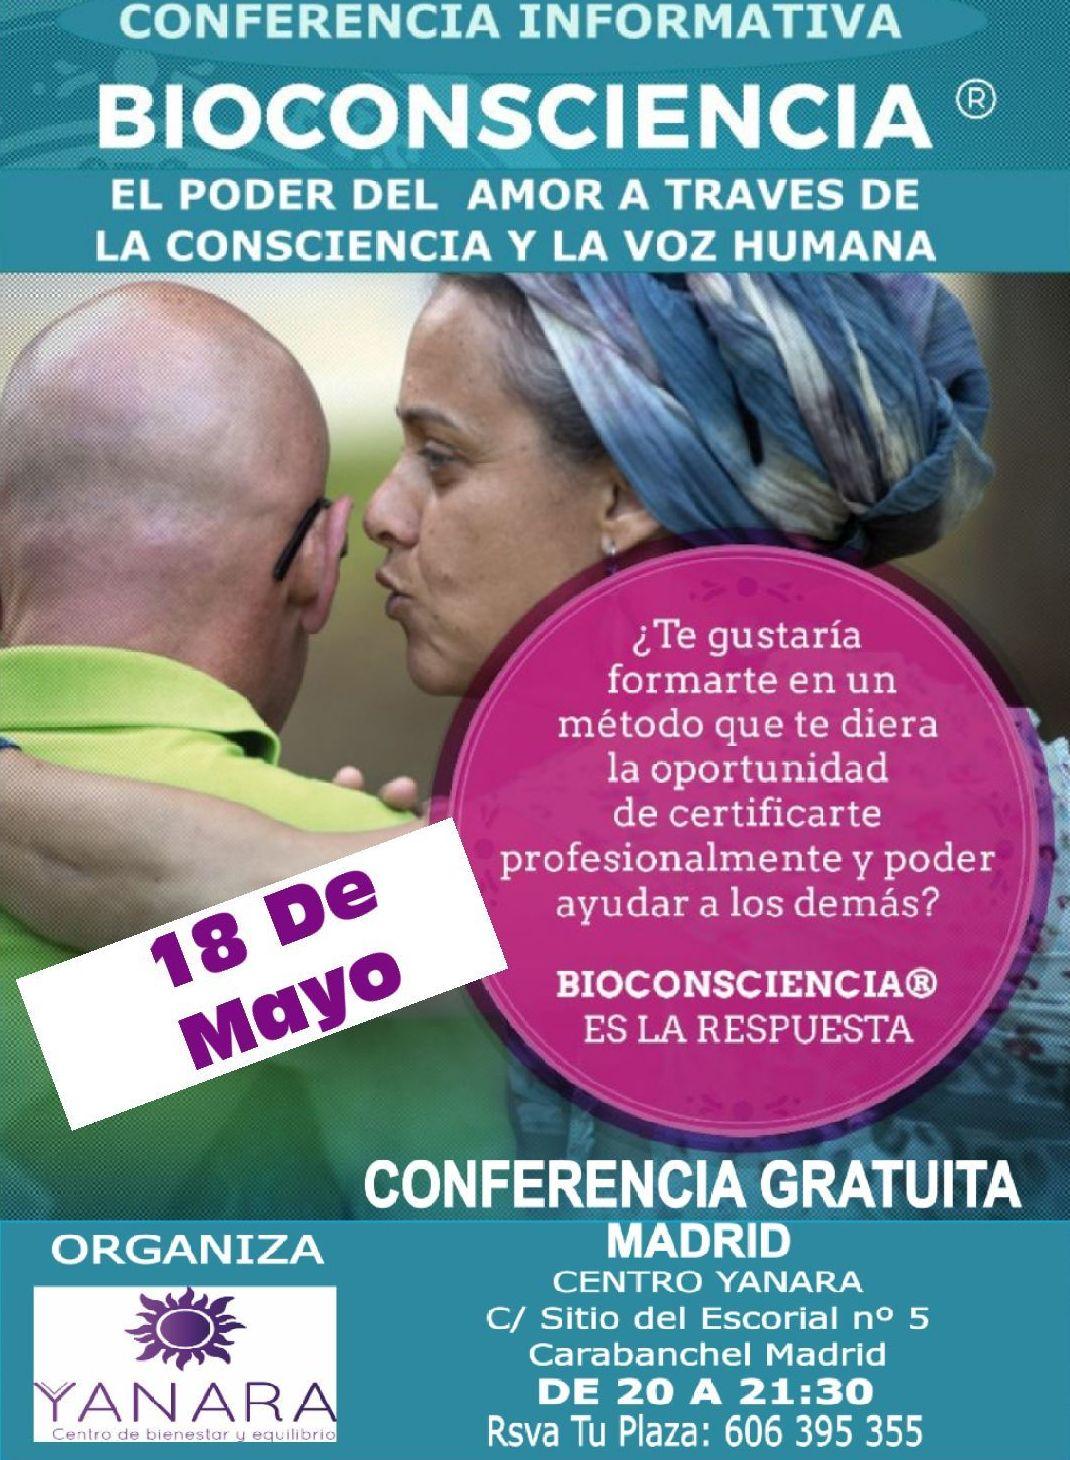 CONFERENCIA GRATUITA DE BIOCONSCIENCIA